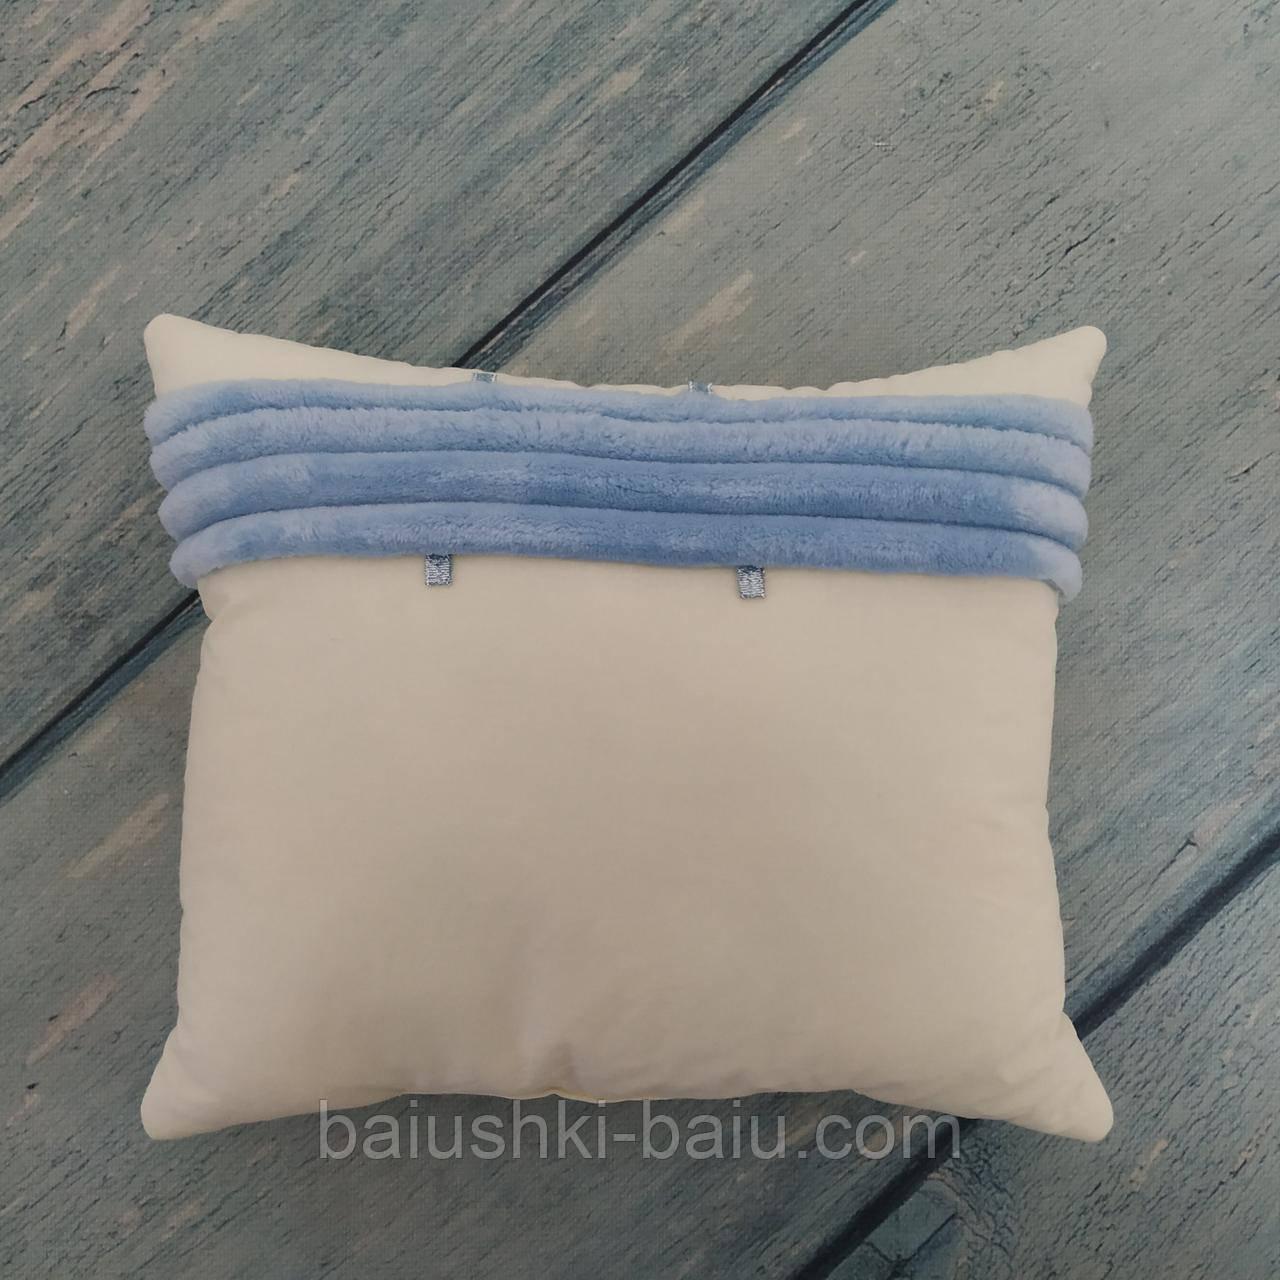 Подушка для новорожденного в коляску, 6 мес+